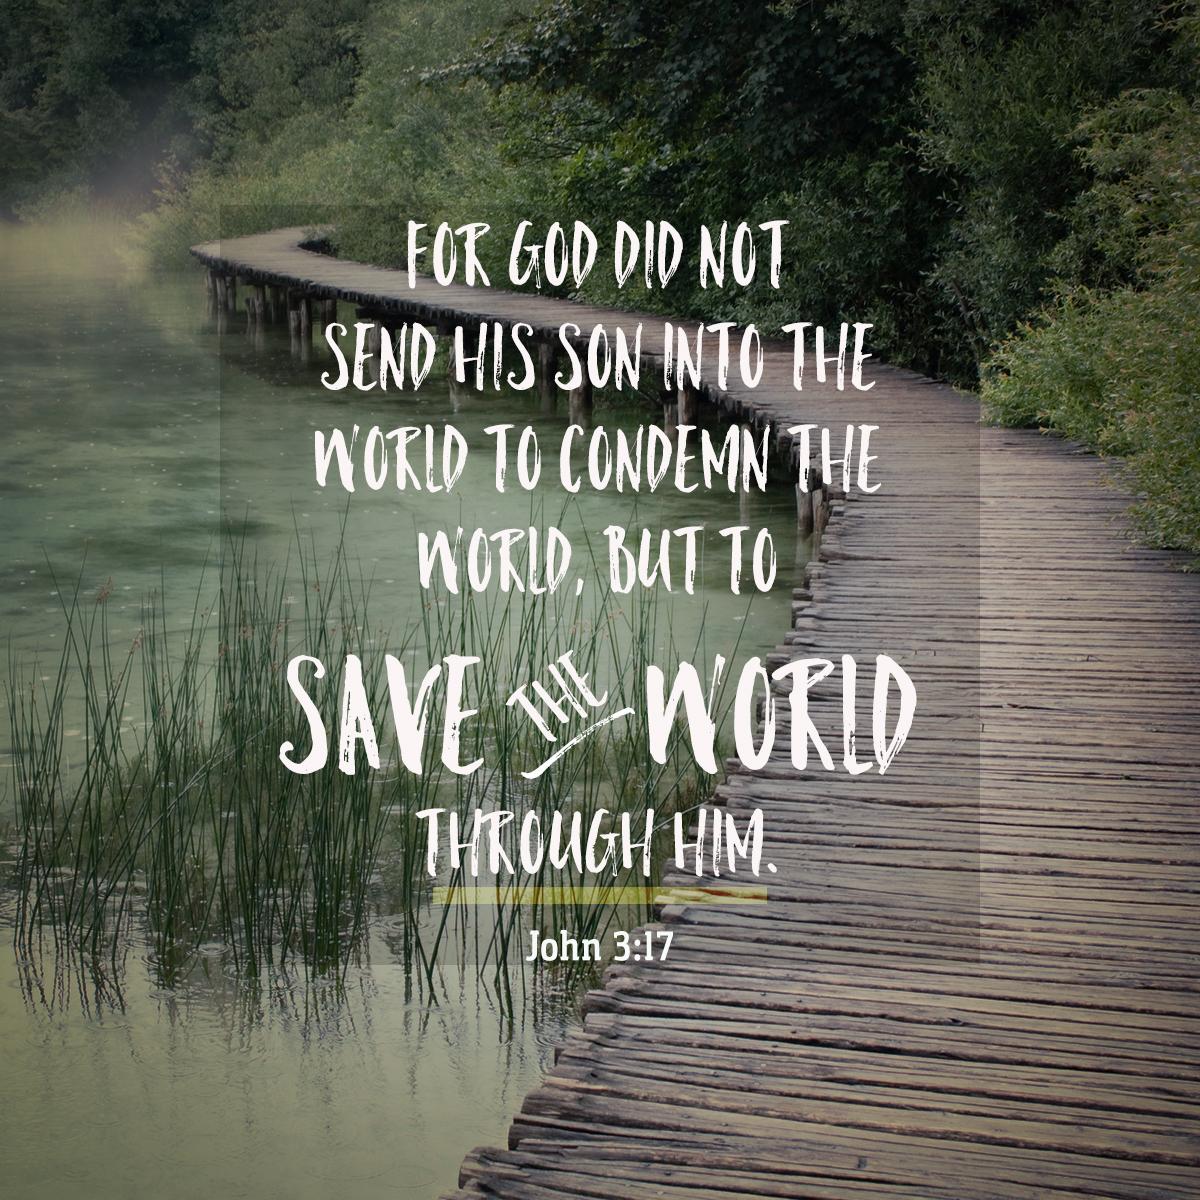 John 3:17-